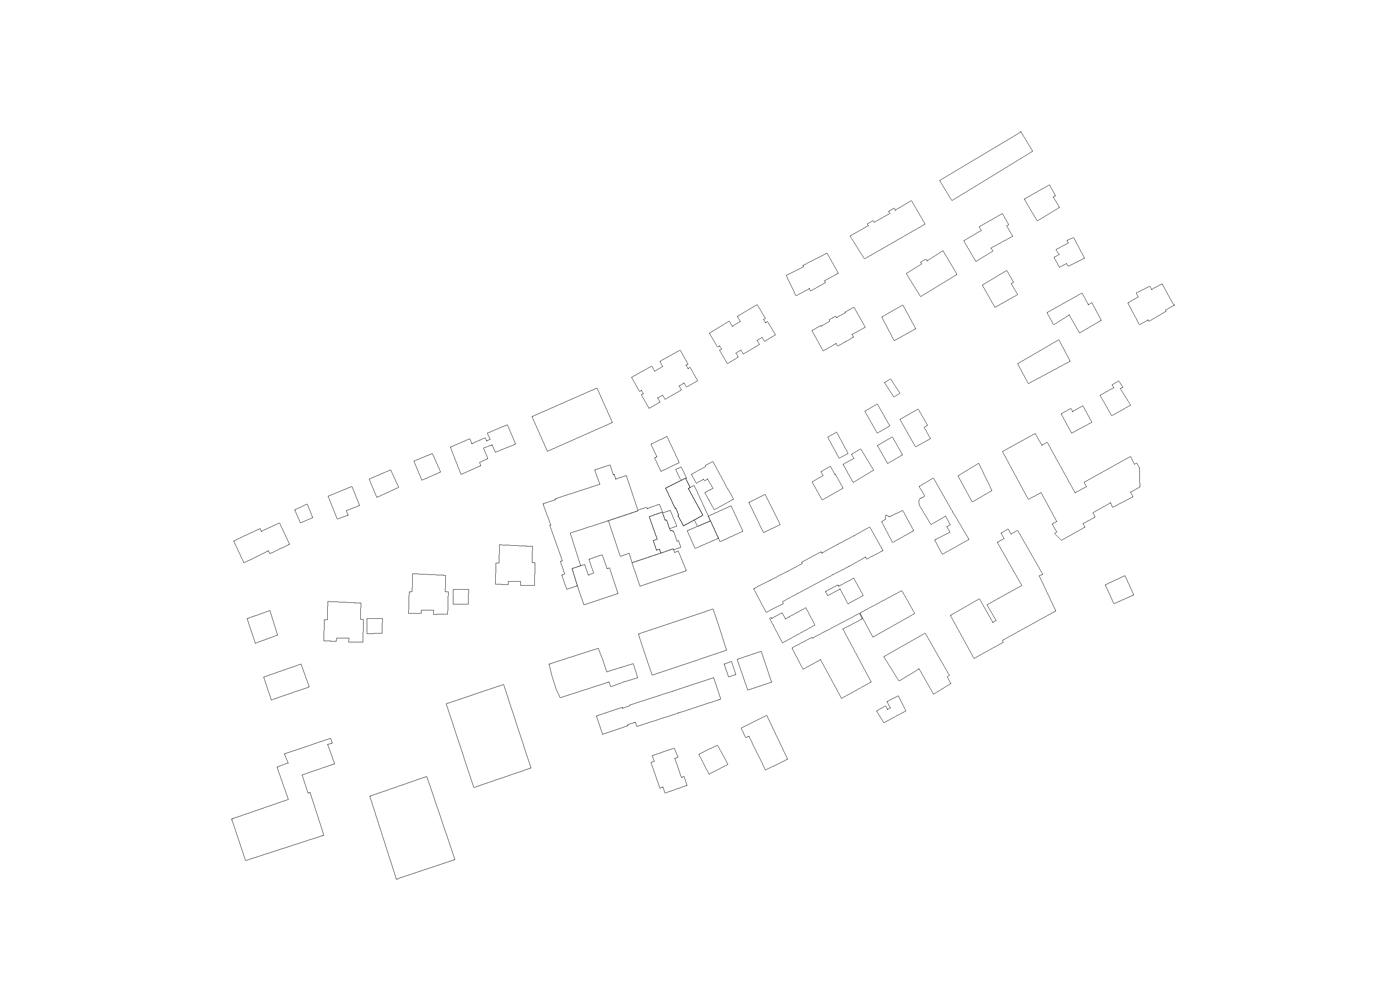 buan architekten – Umbau Bernstrasse Luzern – Schwarzplan